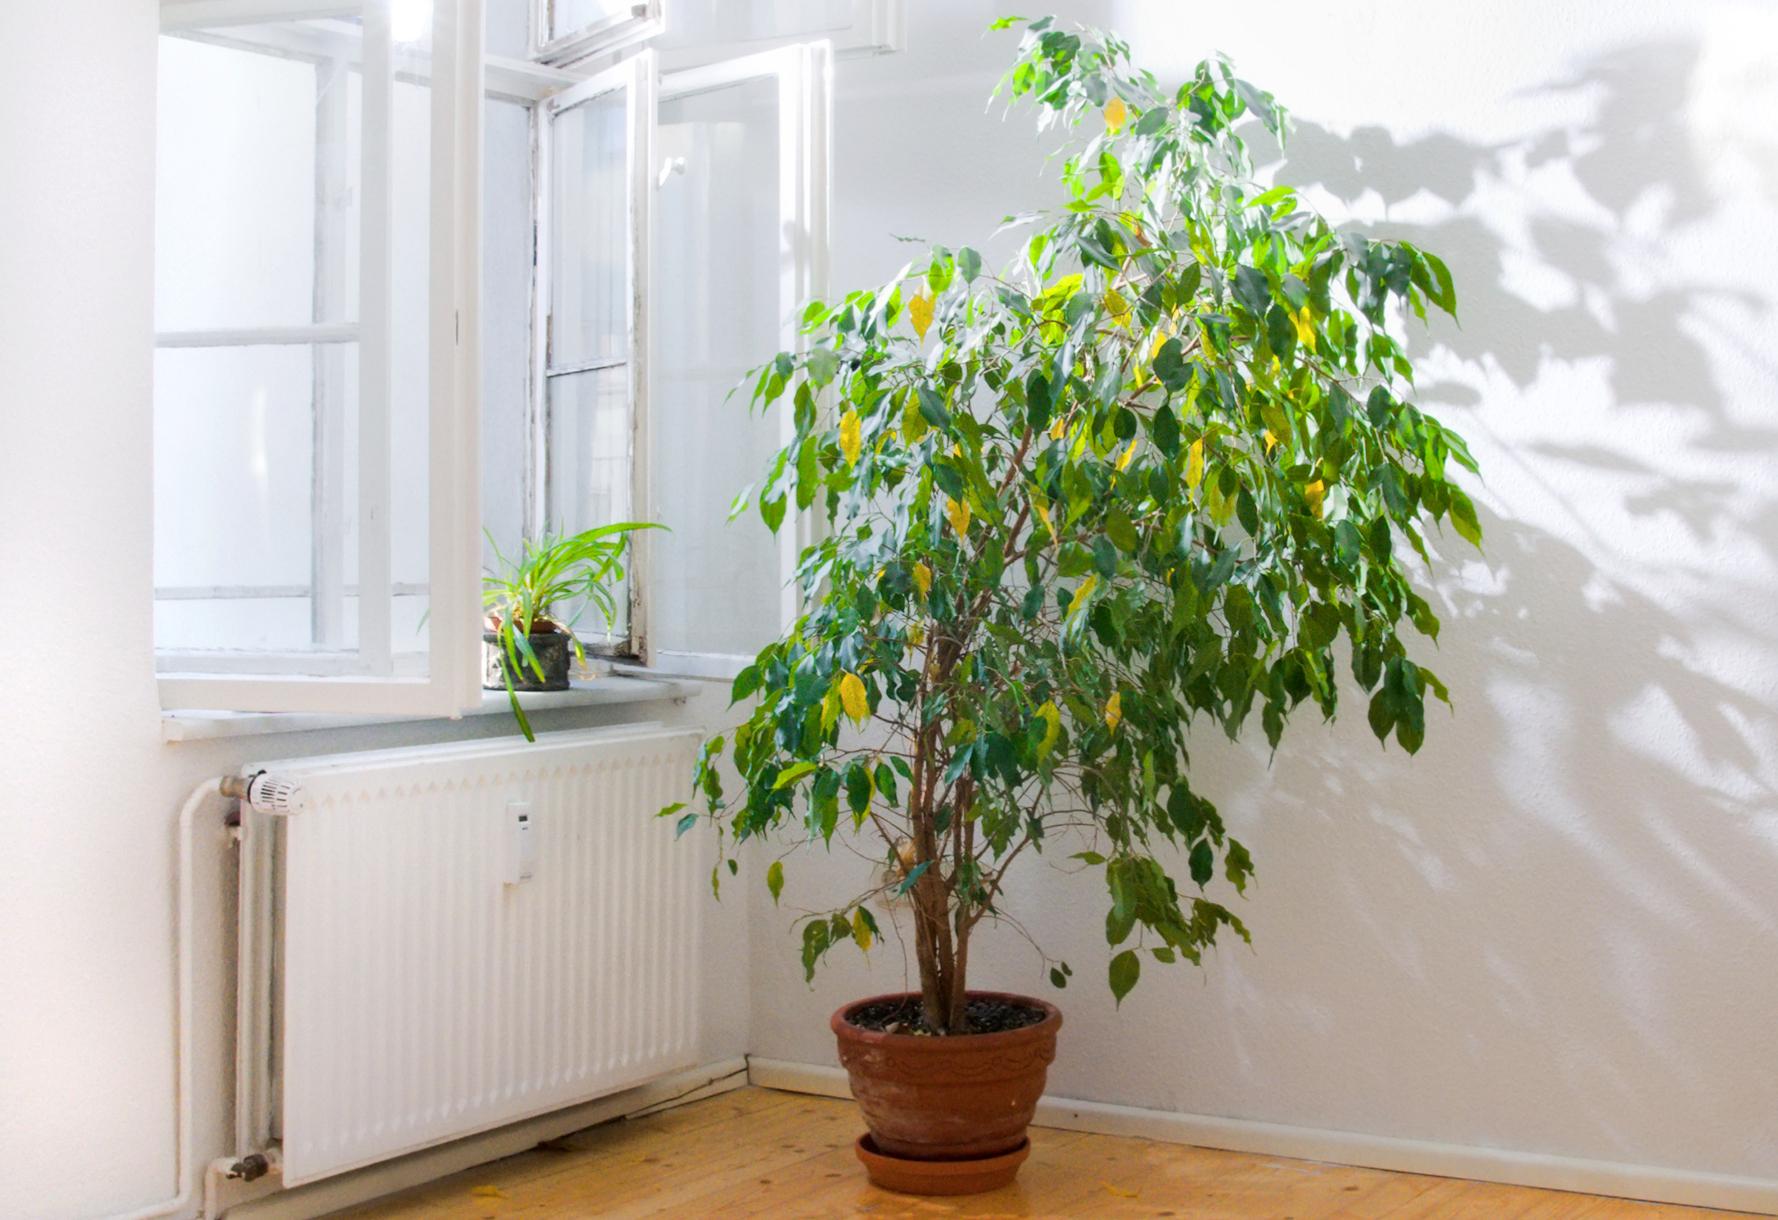 Quattro piante d 39 appartamento che depurano l 39 aria tgcom24 - Piante in bagno ...